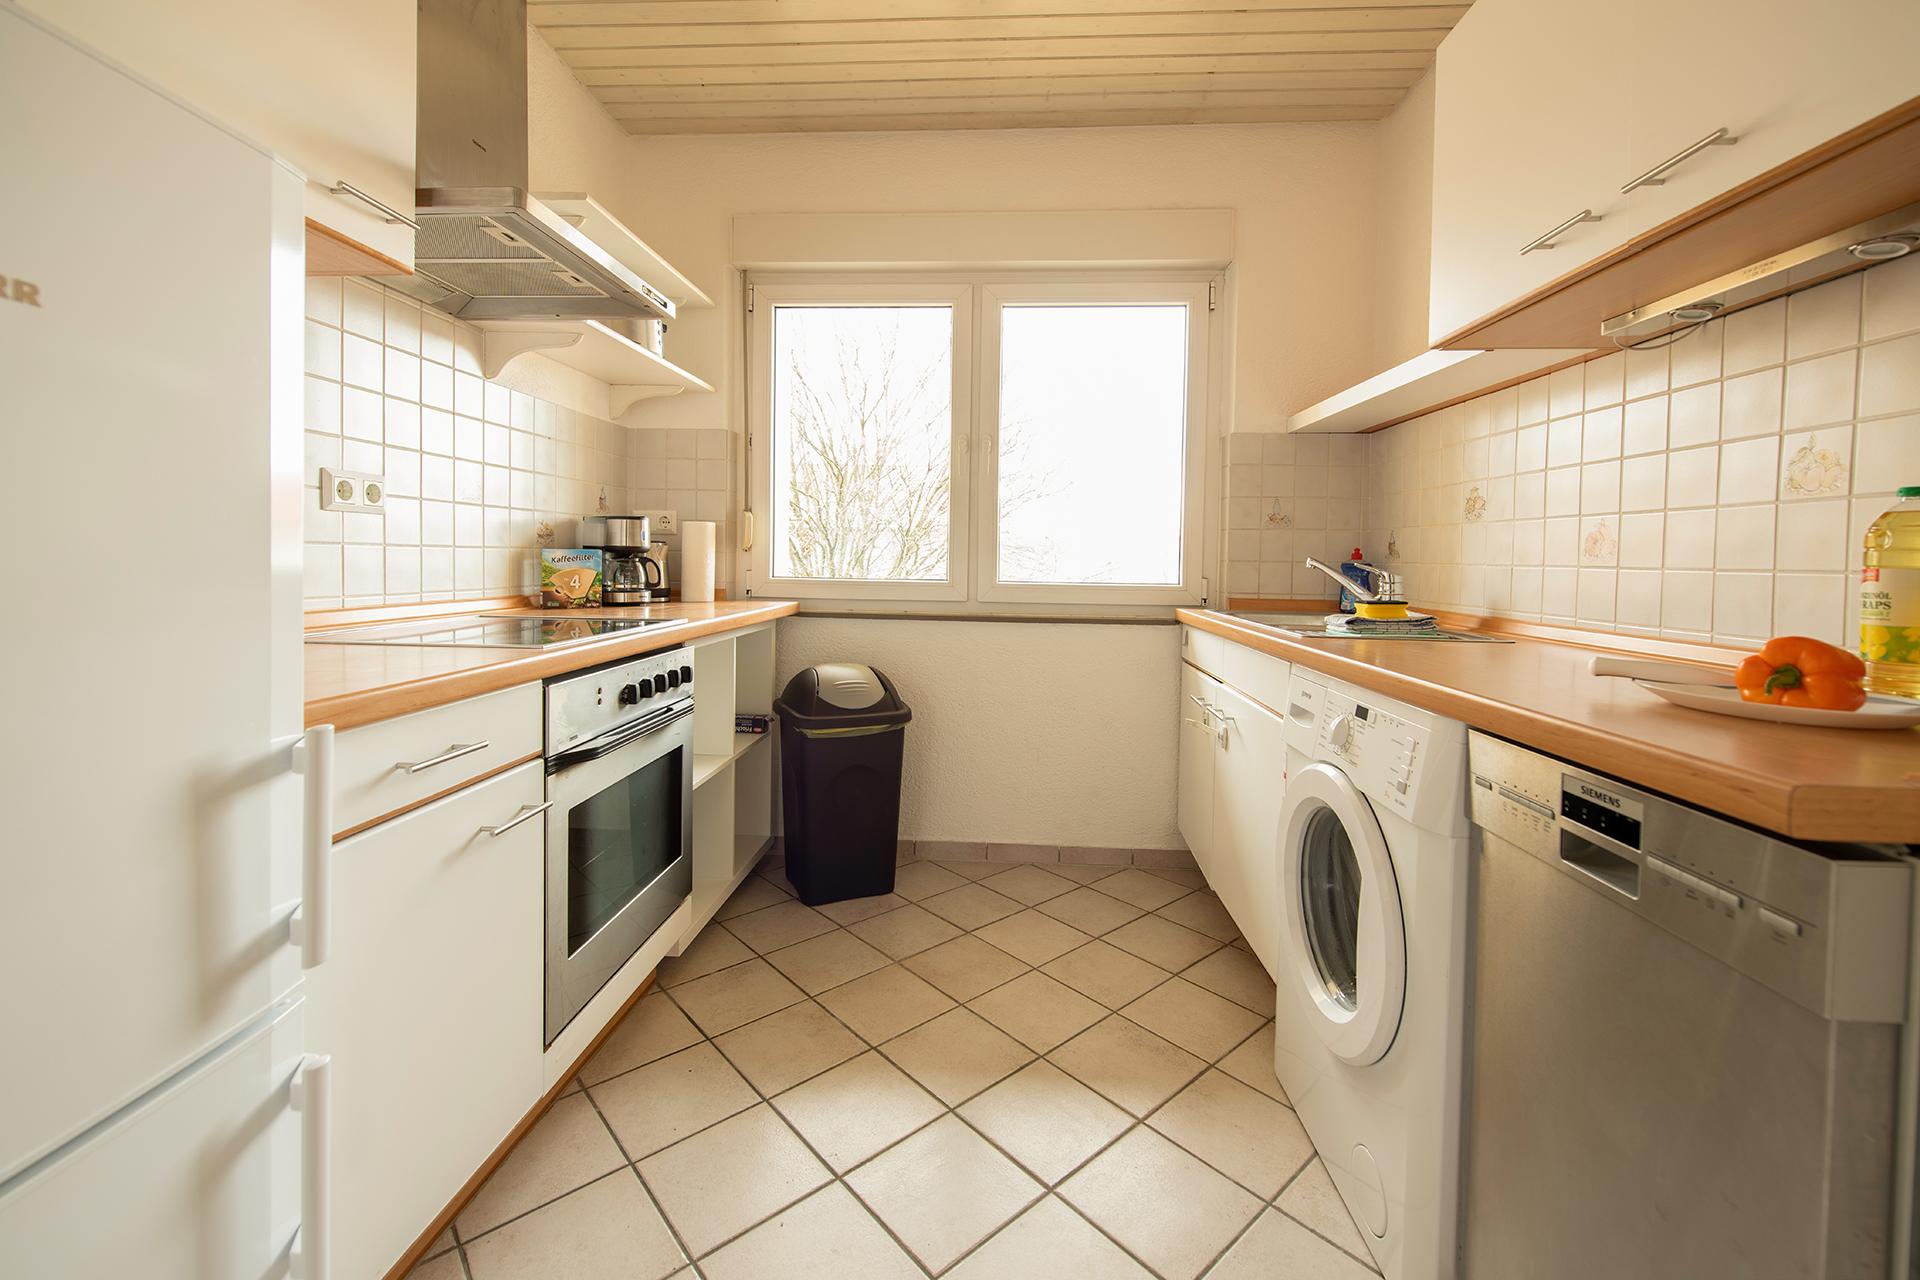 Holiday apartments on Lake Constance: Friedrichshafen - Kitchen